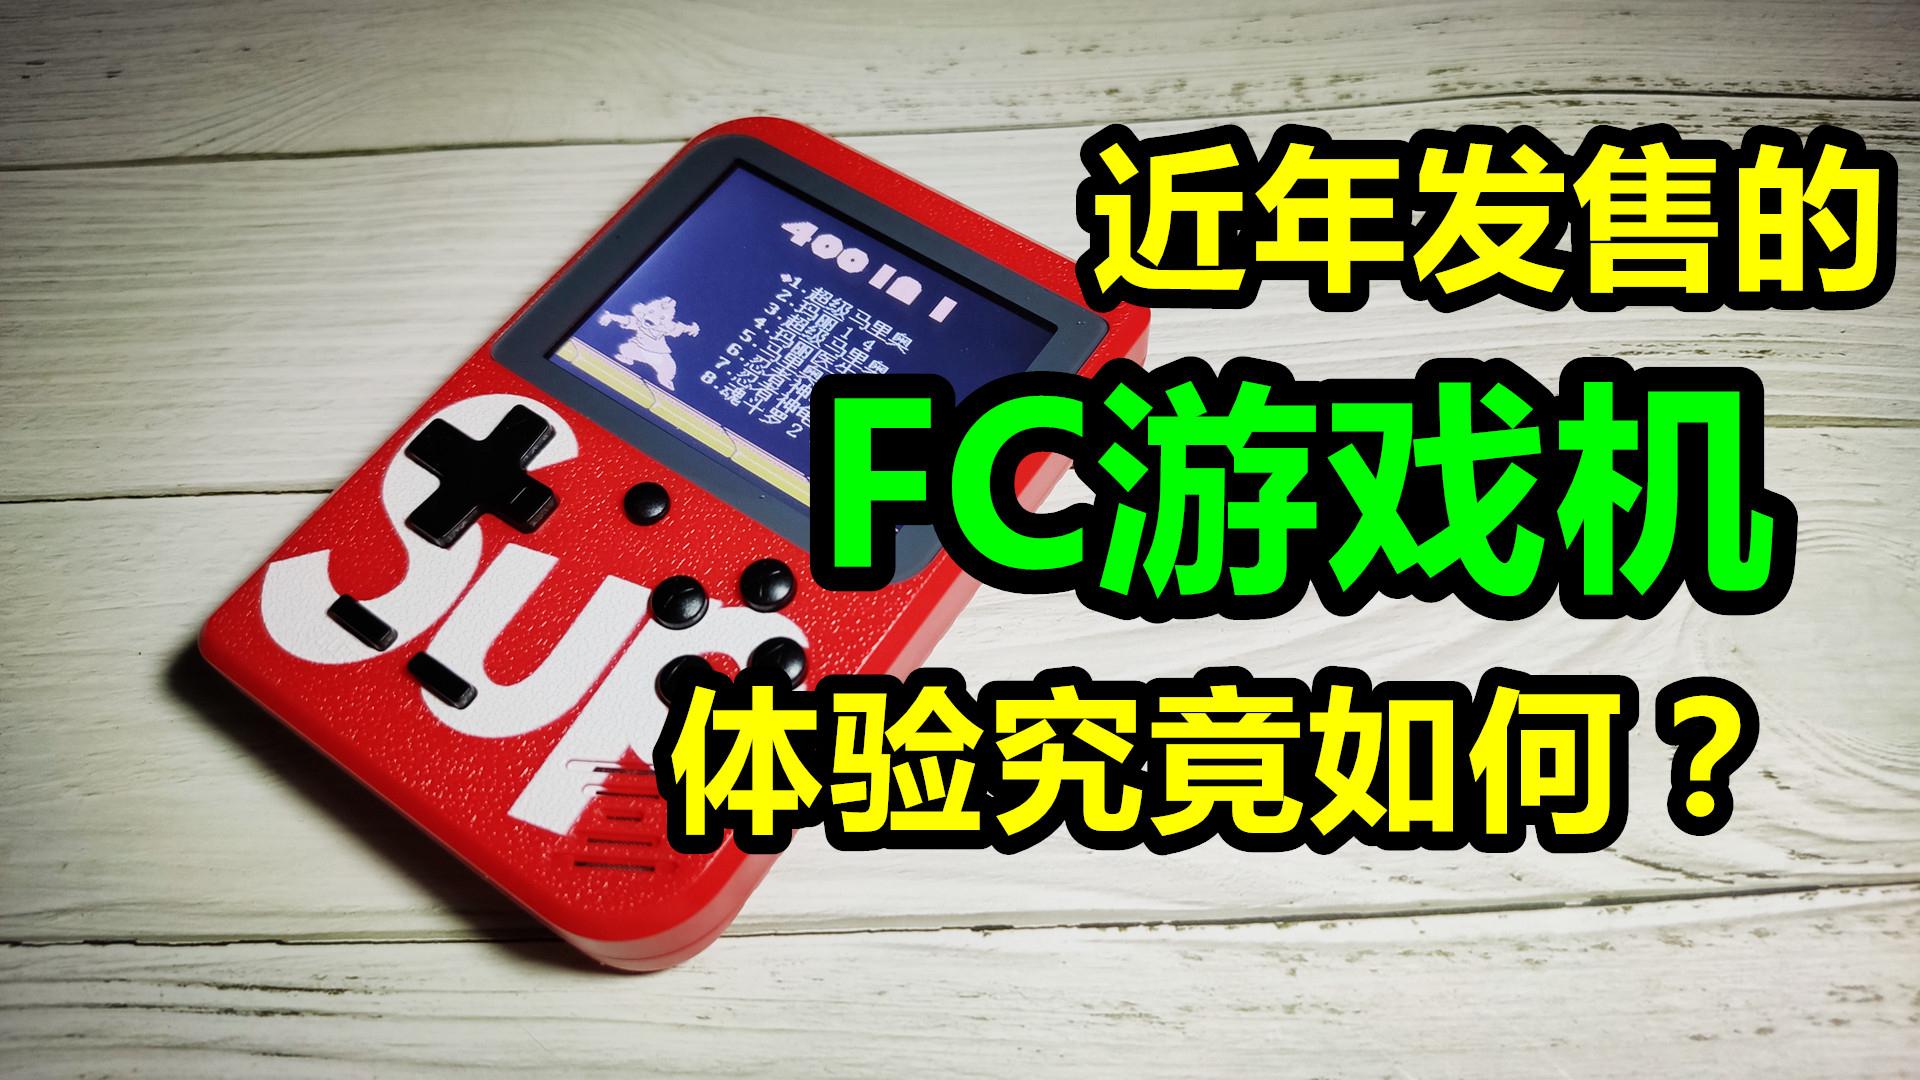 敖厂长解说过的FC游戏你也想体验?测评400合1的游戏机品质如何?SUP游戏机上手测试!